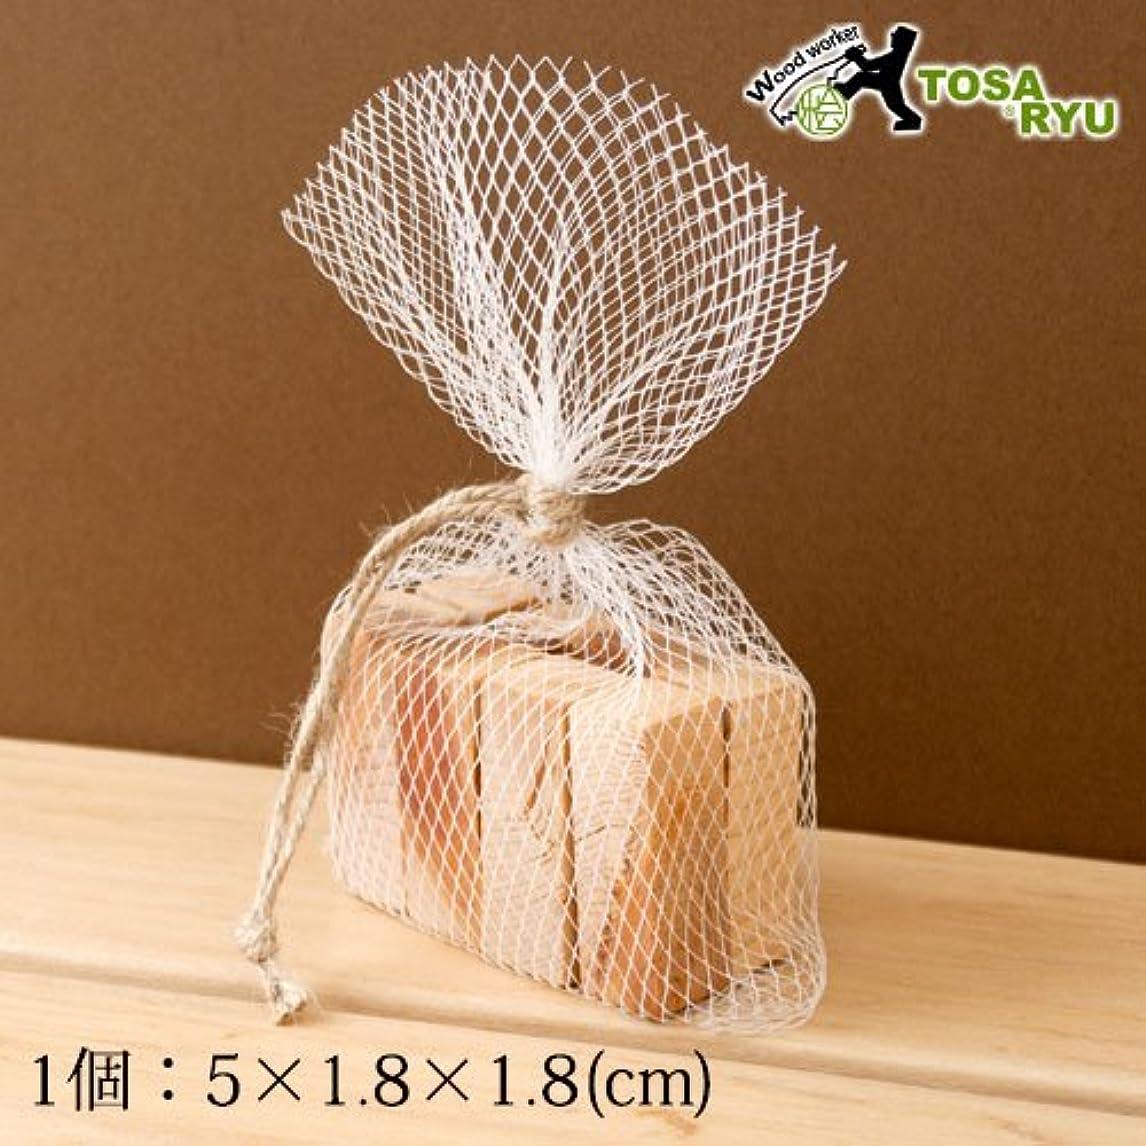 補償溶けた宙返り土佐龍アロマブロックメッシュ袋入り高知県の工芸品Bath additive of cypress, Kochi craft